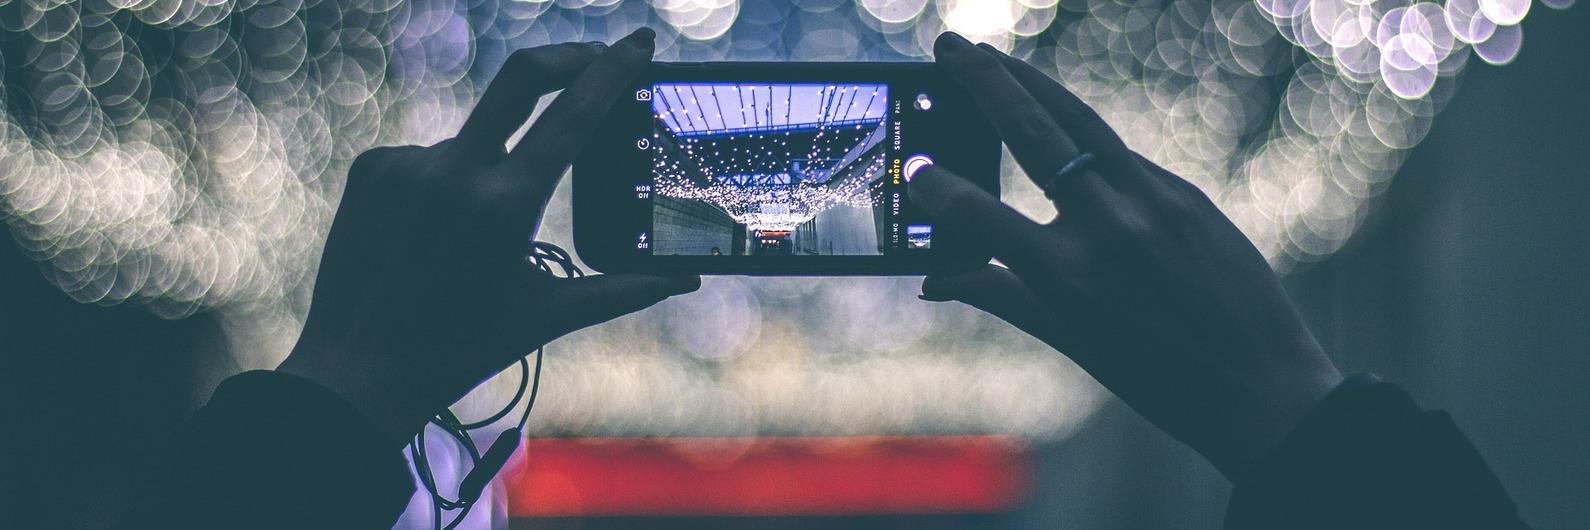 Mude (para melhor) a visualização de fotografias no seu Android